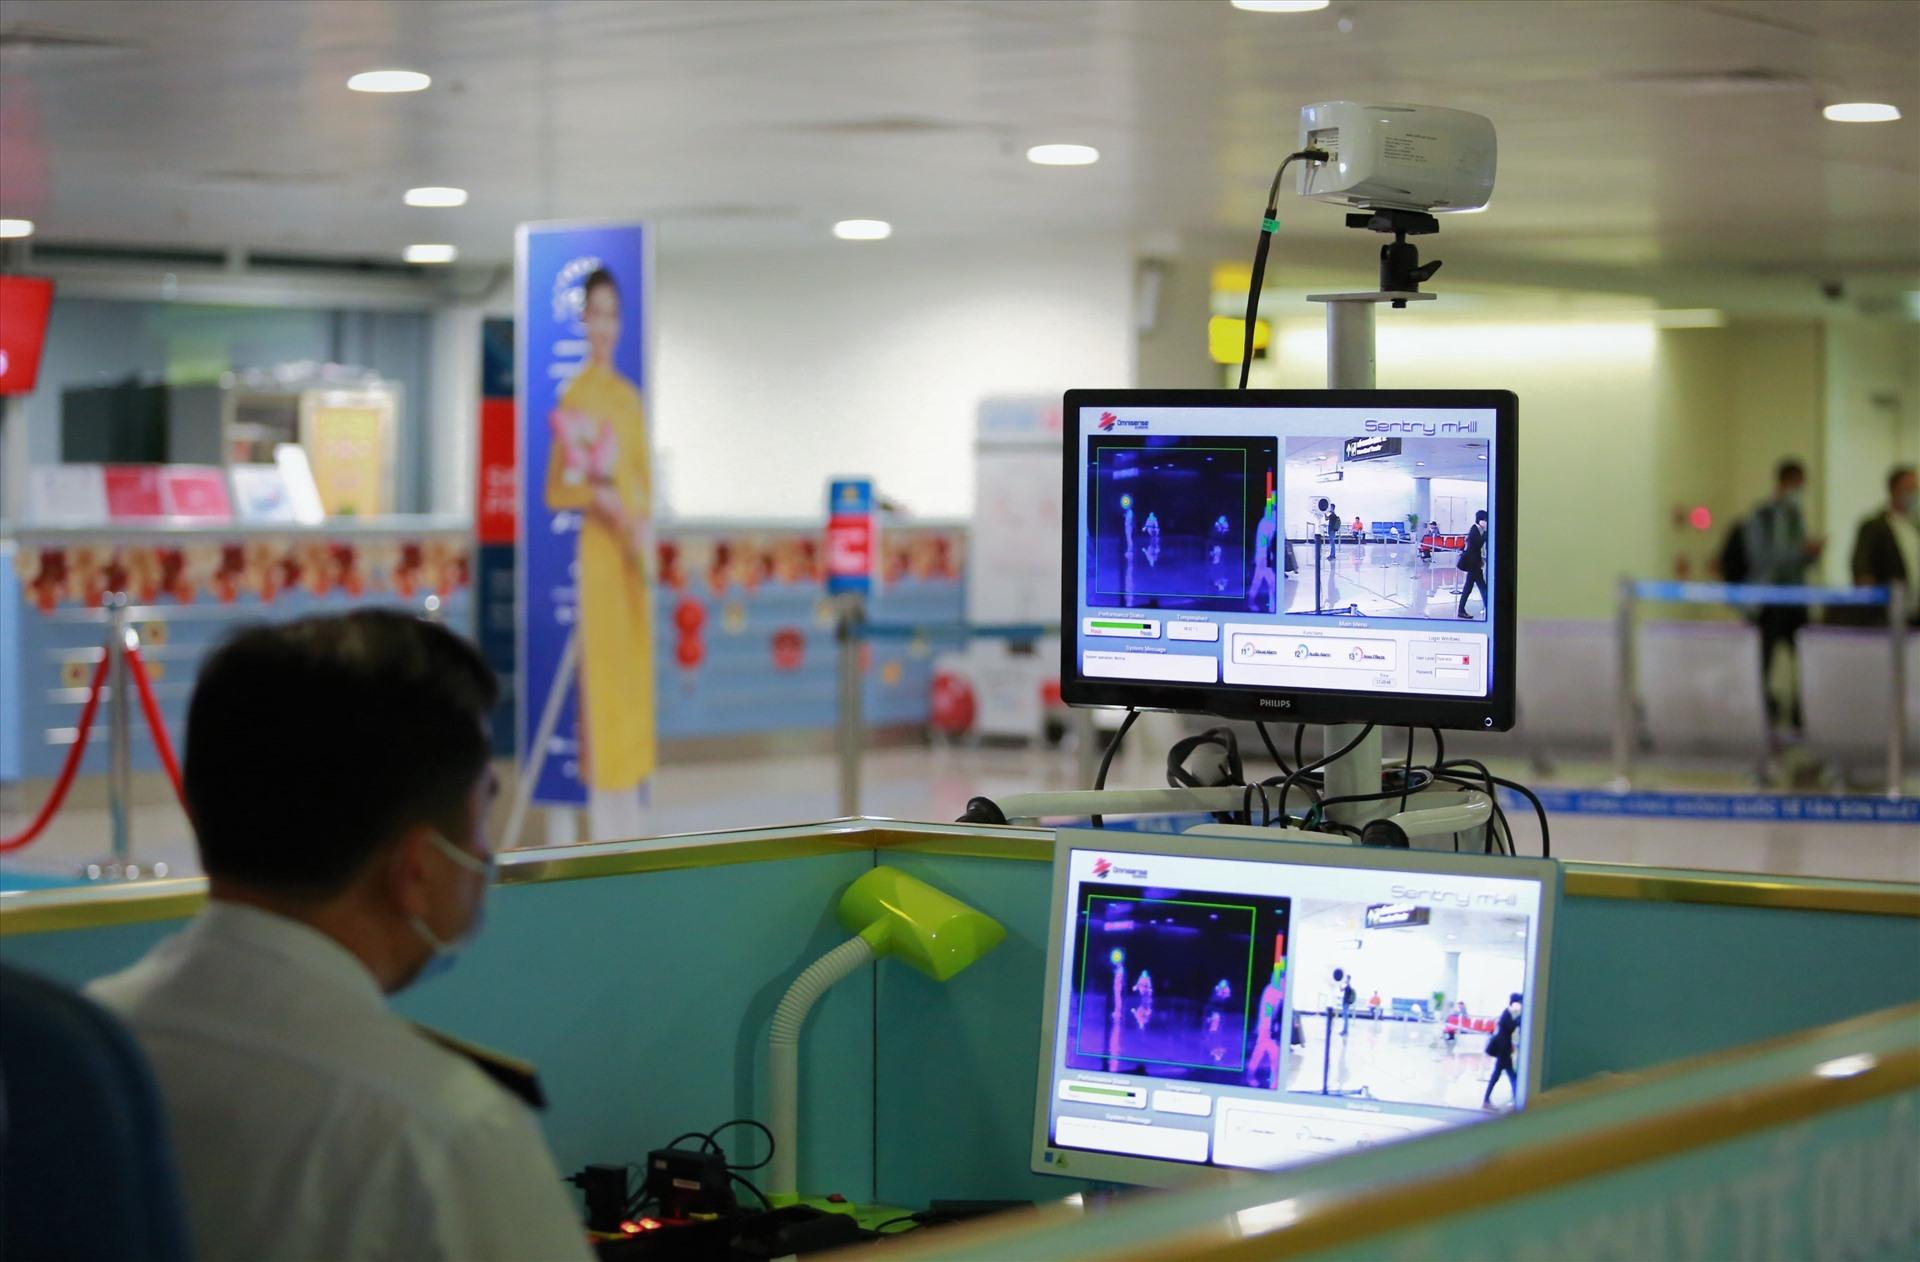 Cán bộ kiểm dịch túc trực tại máy đo thân nhiệt ở sân bay Tân Sơn Nhất.  Ảnh: Tú Chân